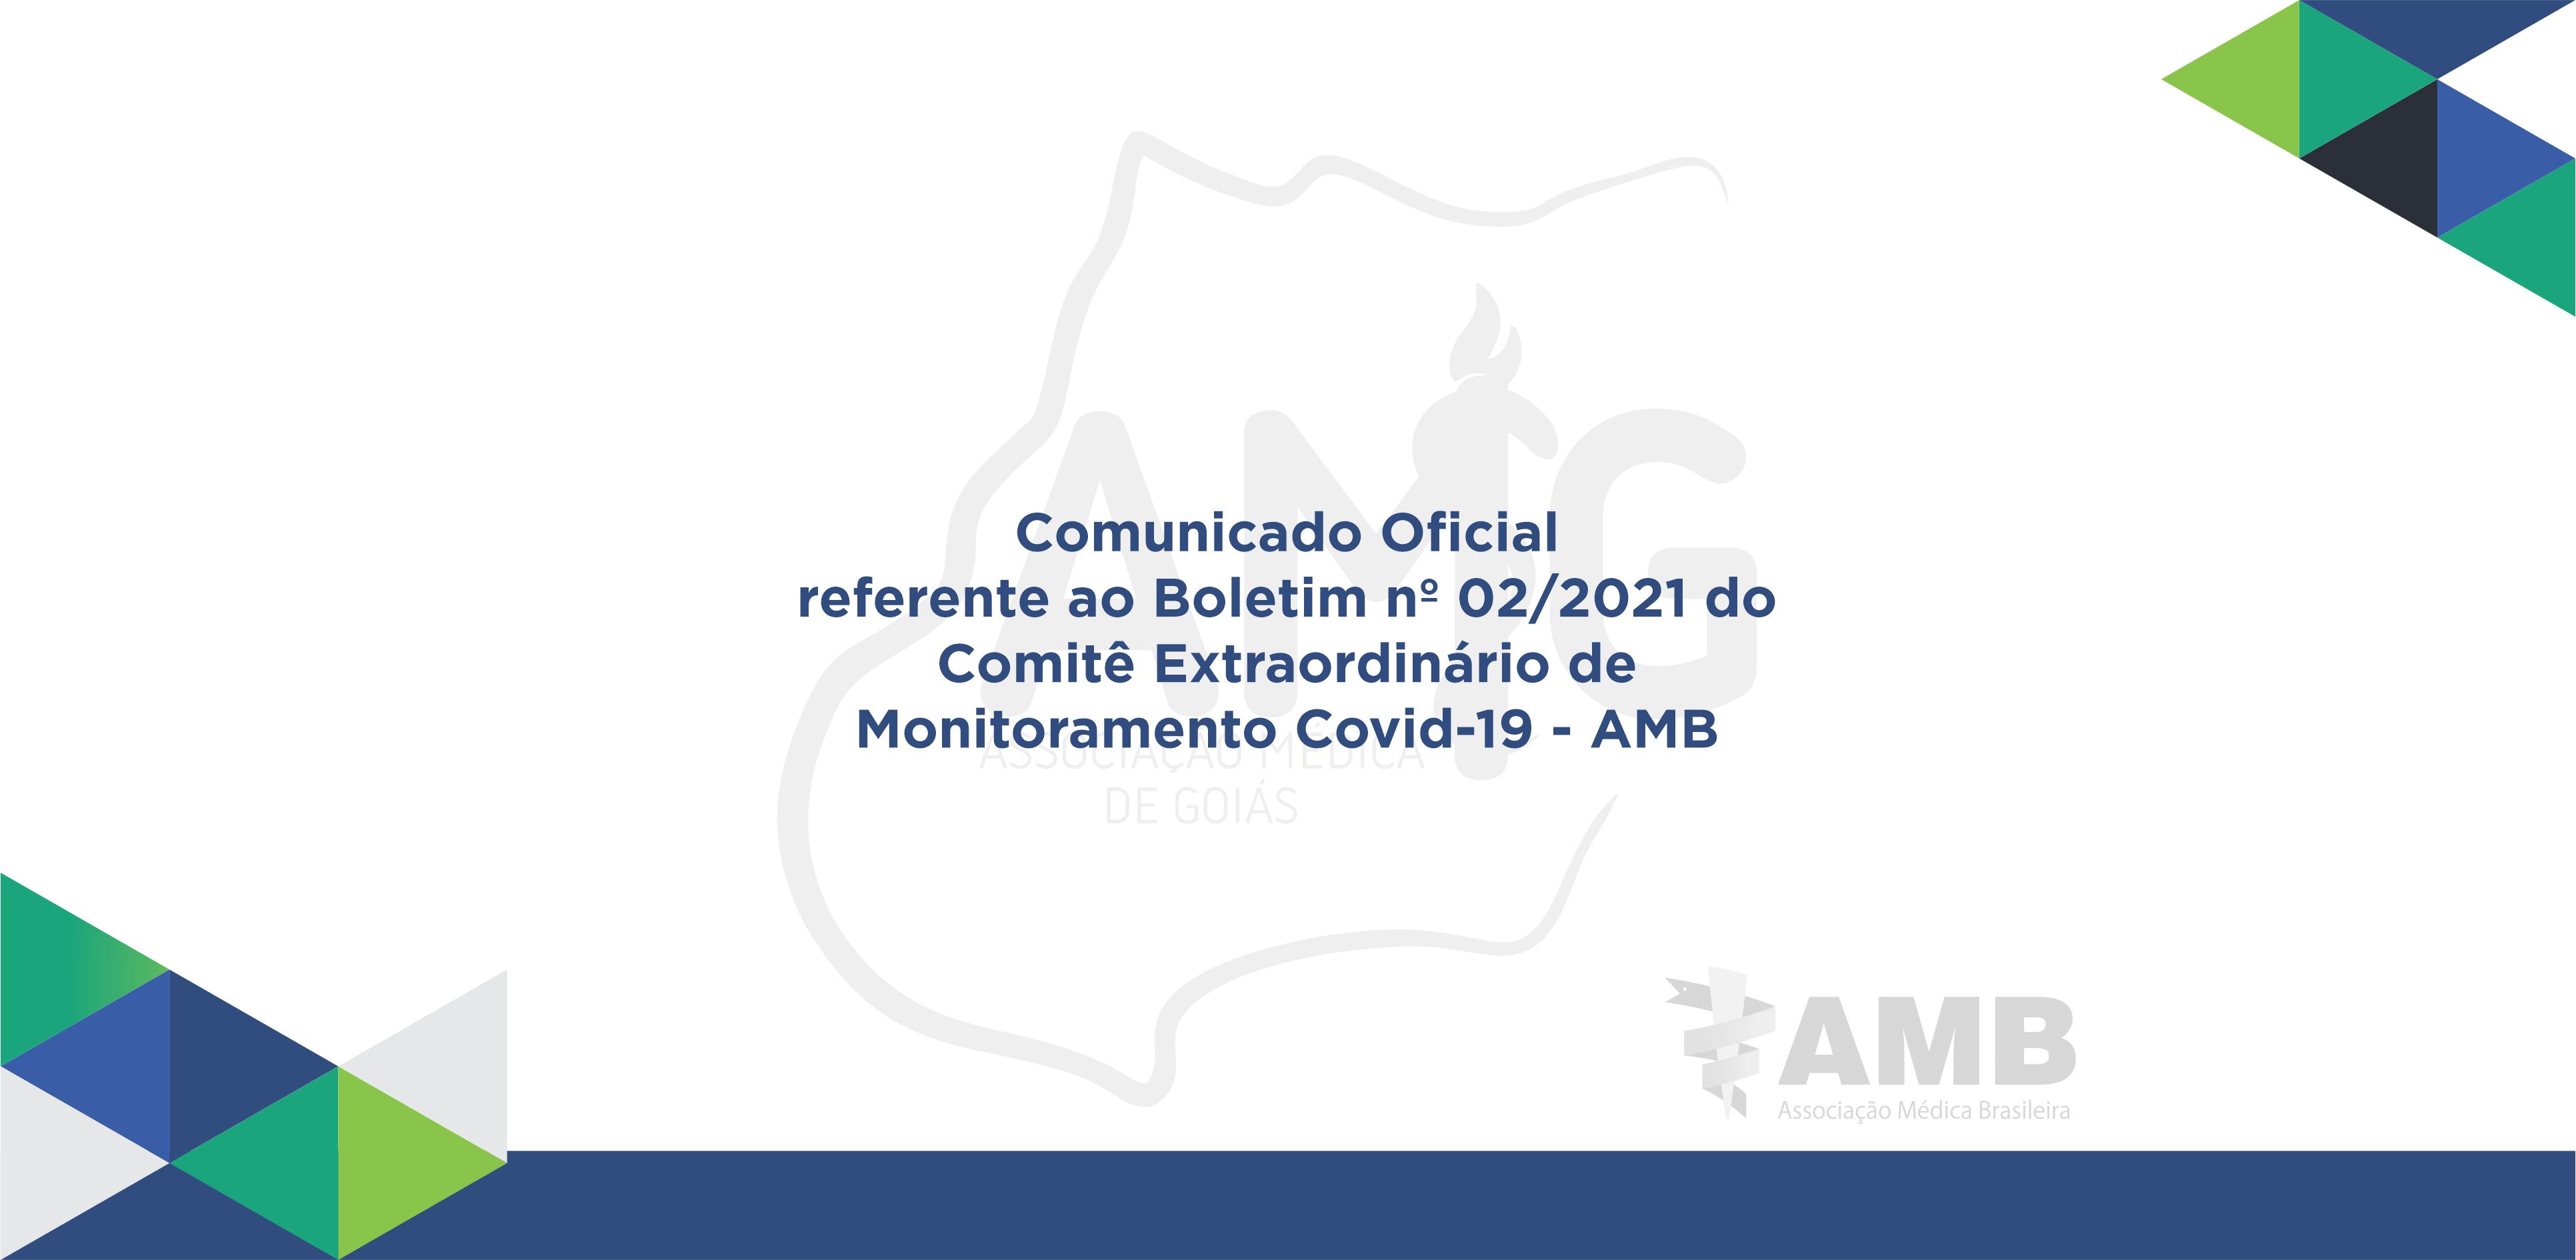 AMG | Associação Médica de Goiás_Comunicado Oficial referente ao Boletim nº 02/2021 do Comitê Extraordinário de Monitoramento Covid-19 - AMB